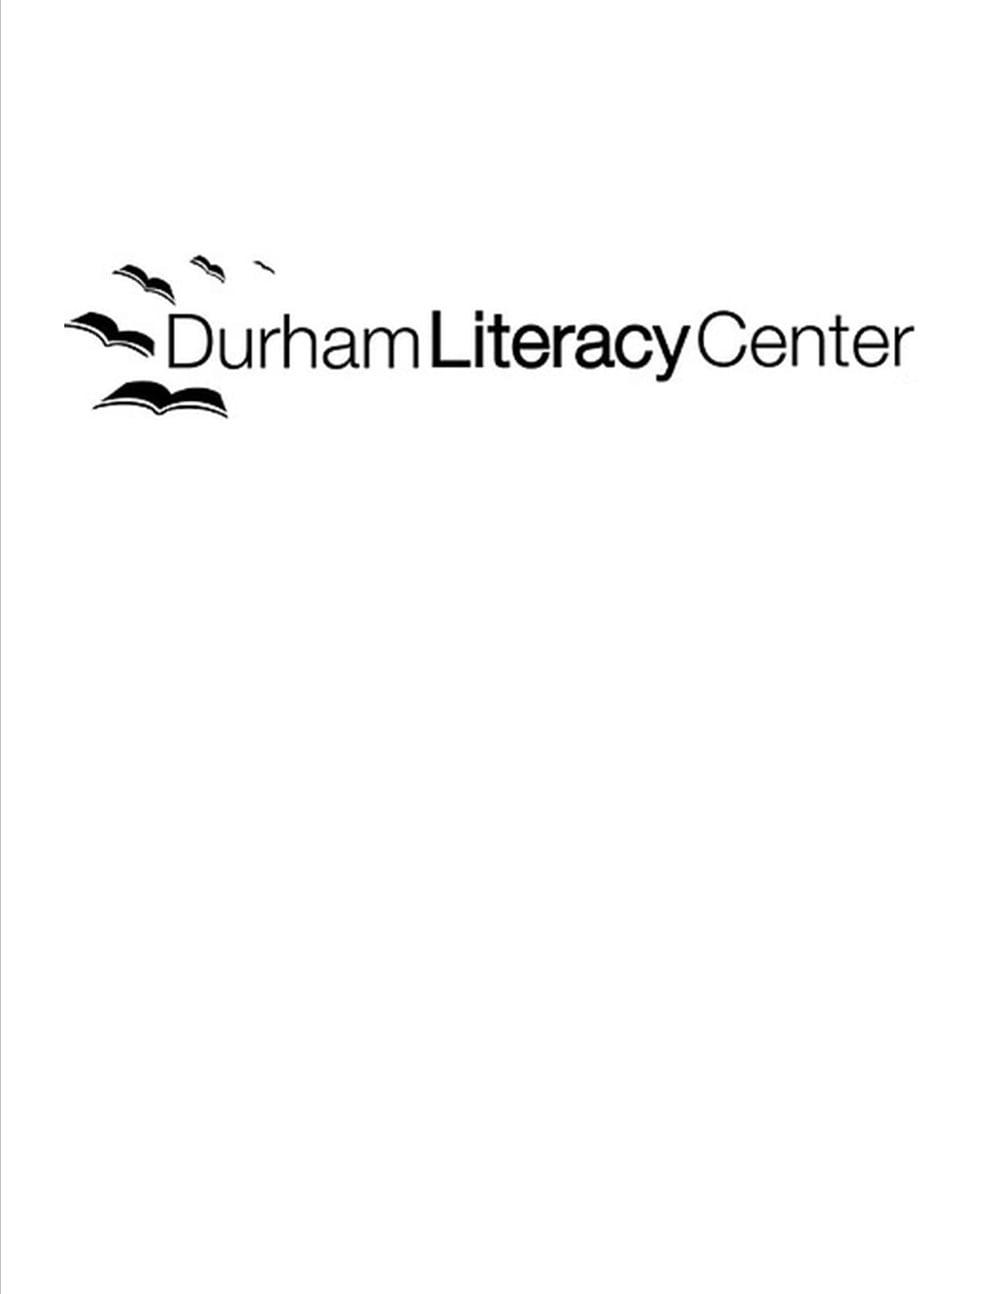 www.durhamliteracy.org